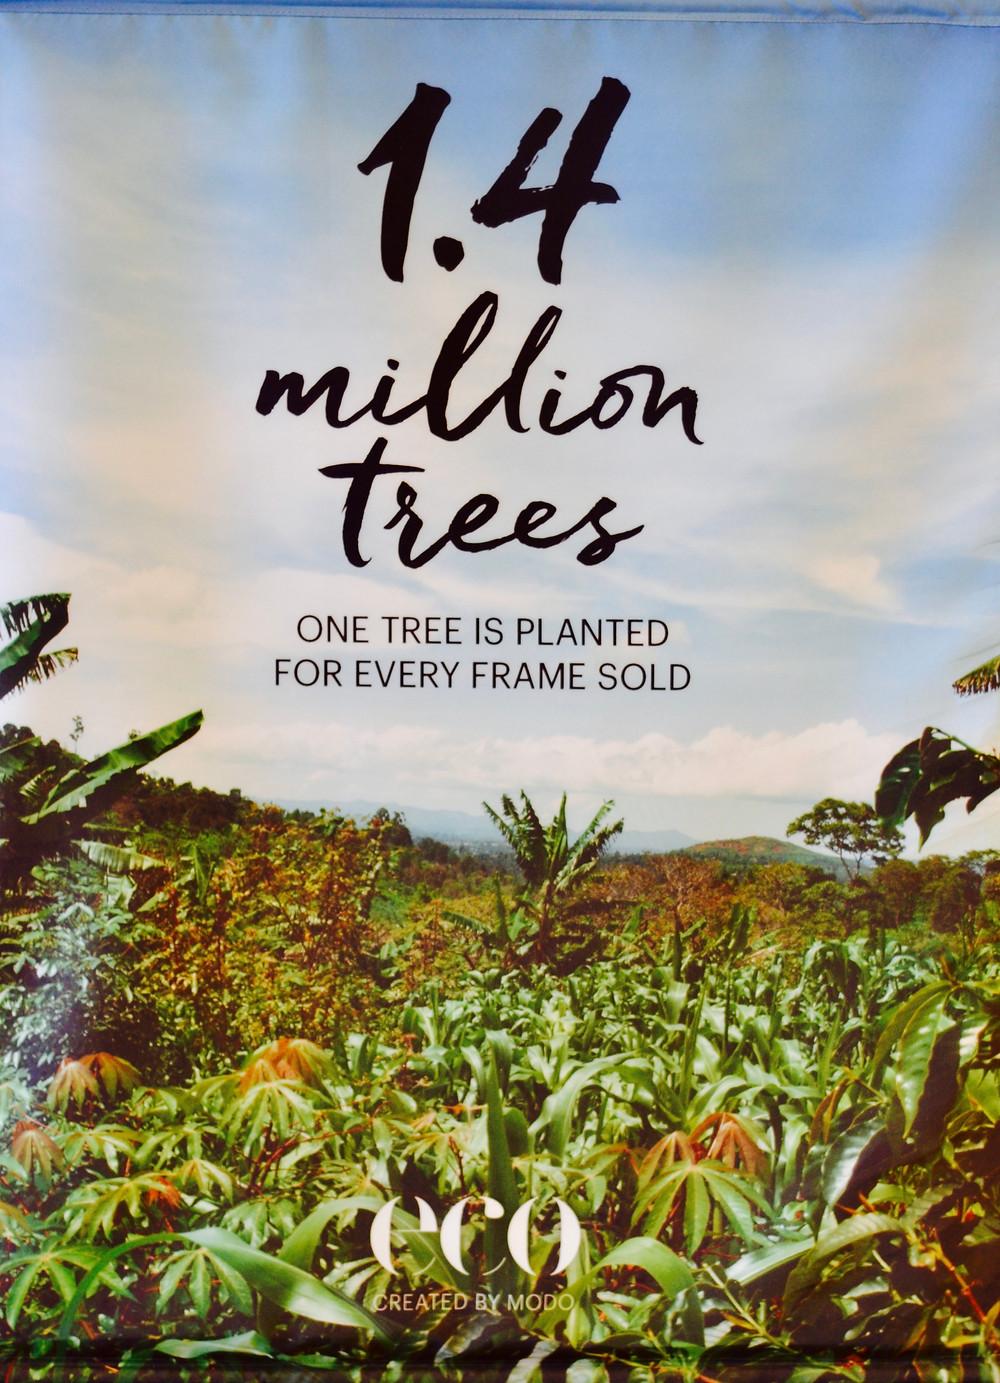 1.4 Million Trees